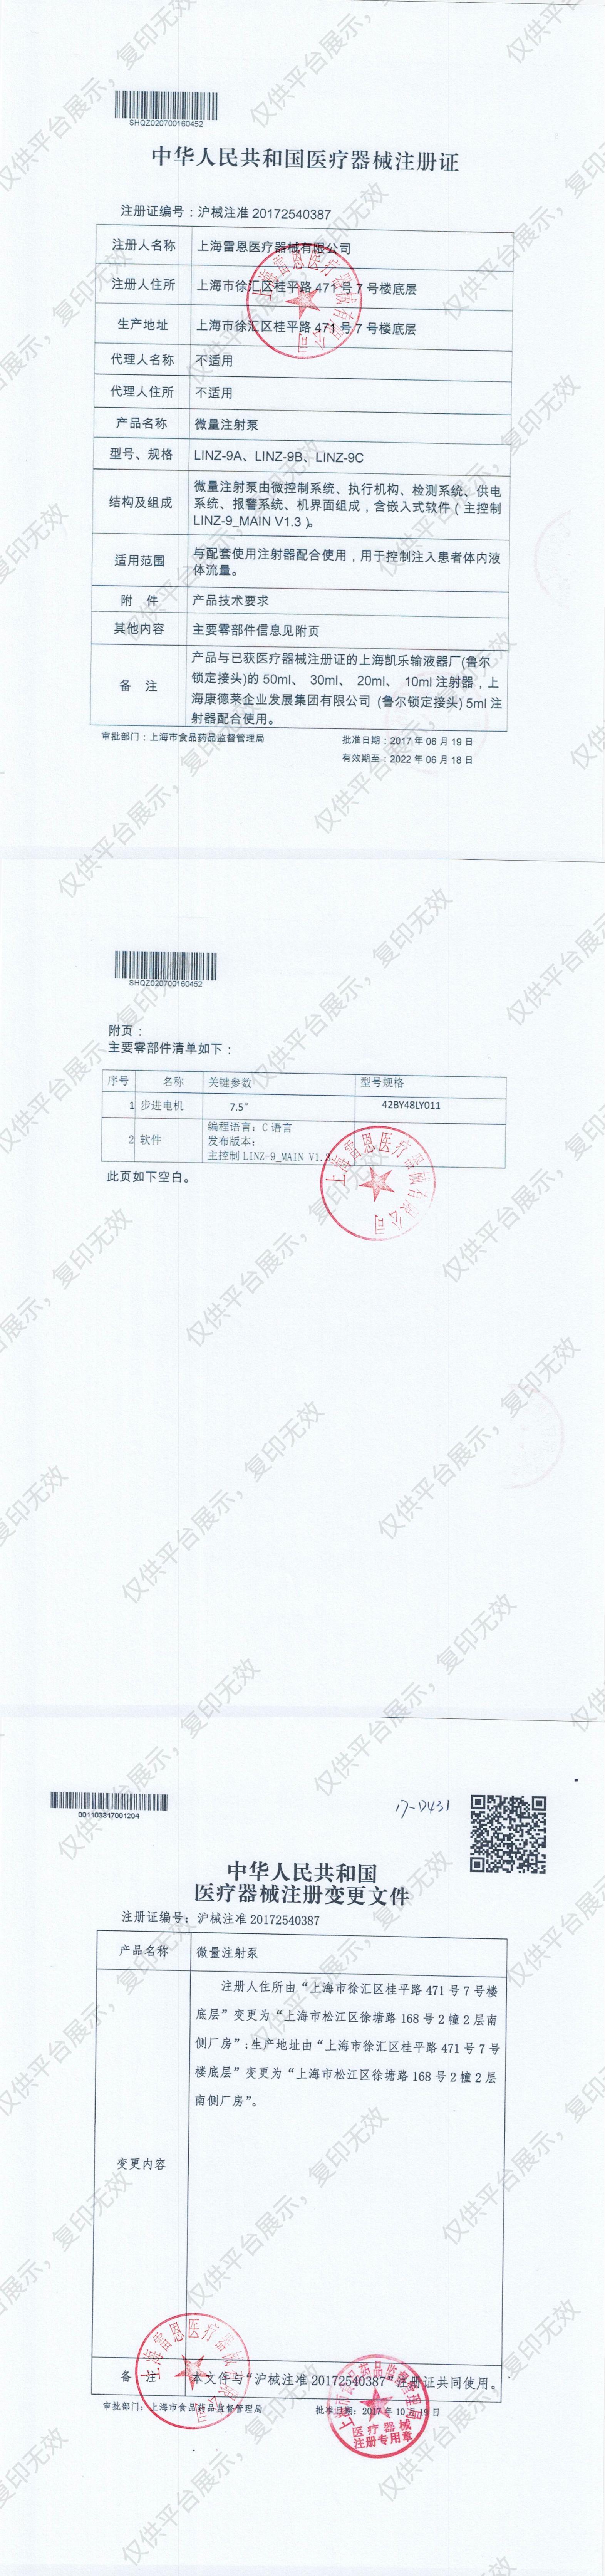 雷恩 微量注射泵 LINZ-9A注册证